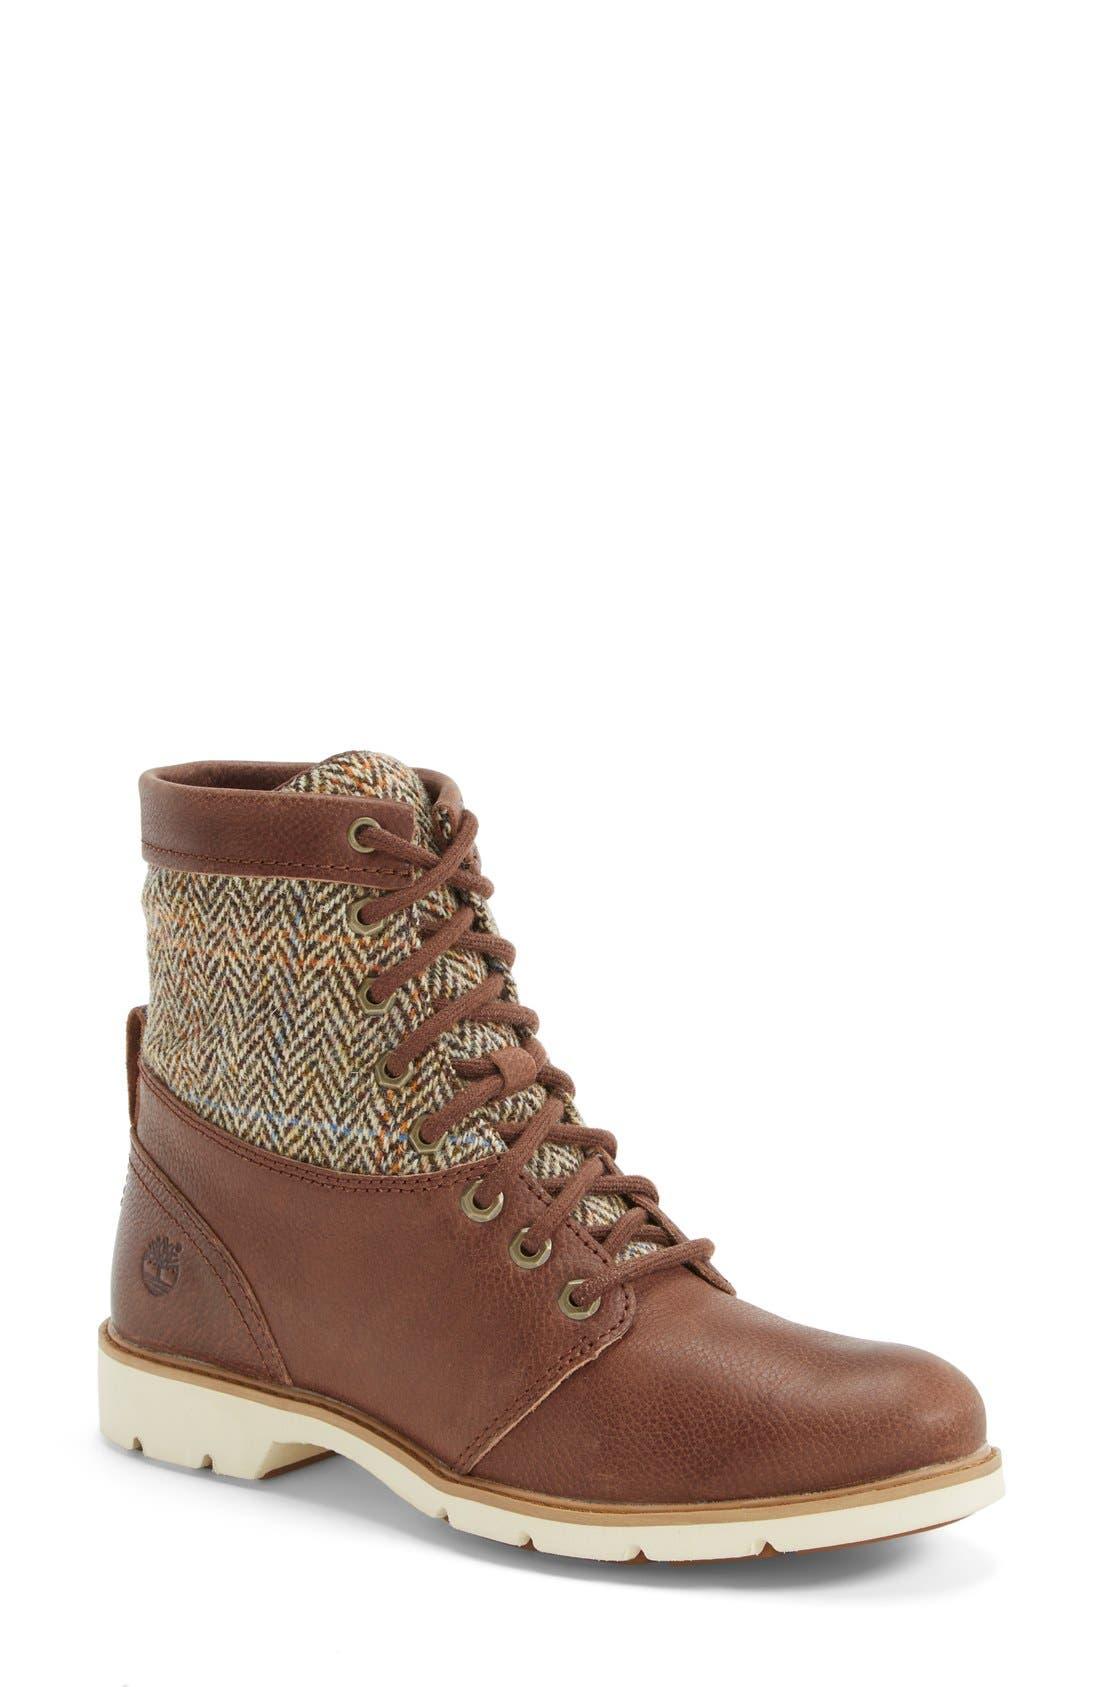 Main Image - Timberland 'Bramhall Six Inch' Boot (Women)